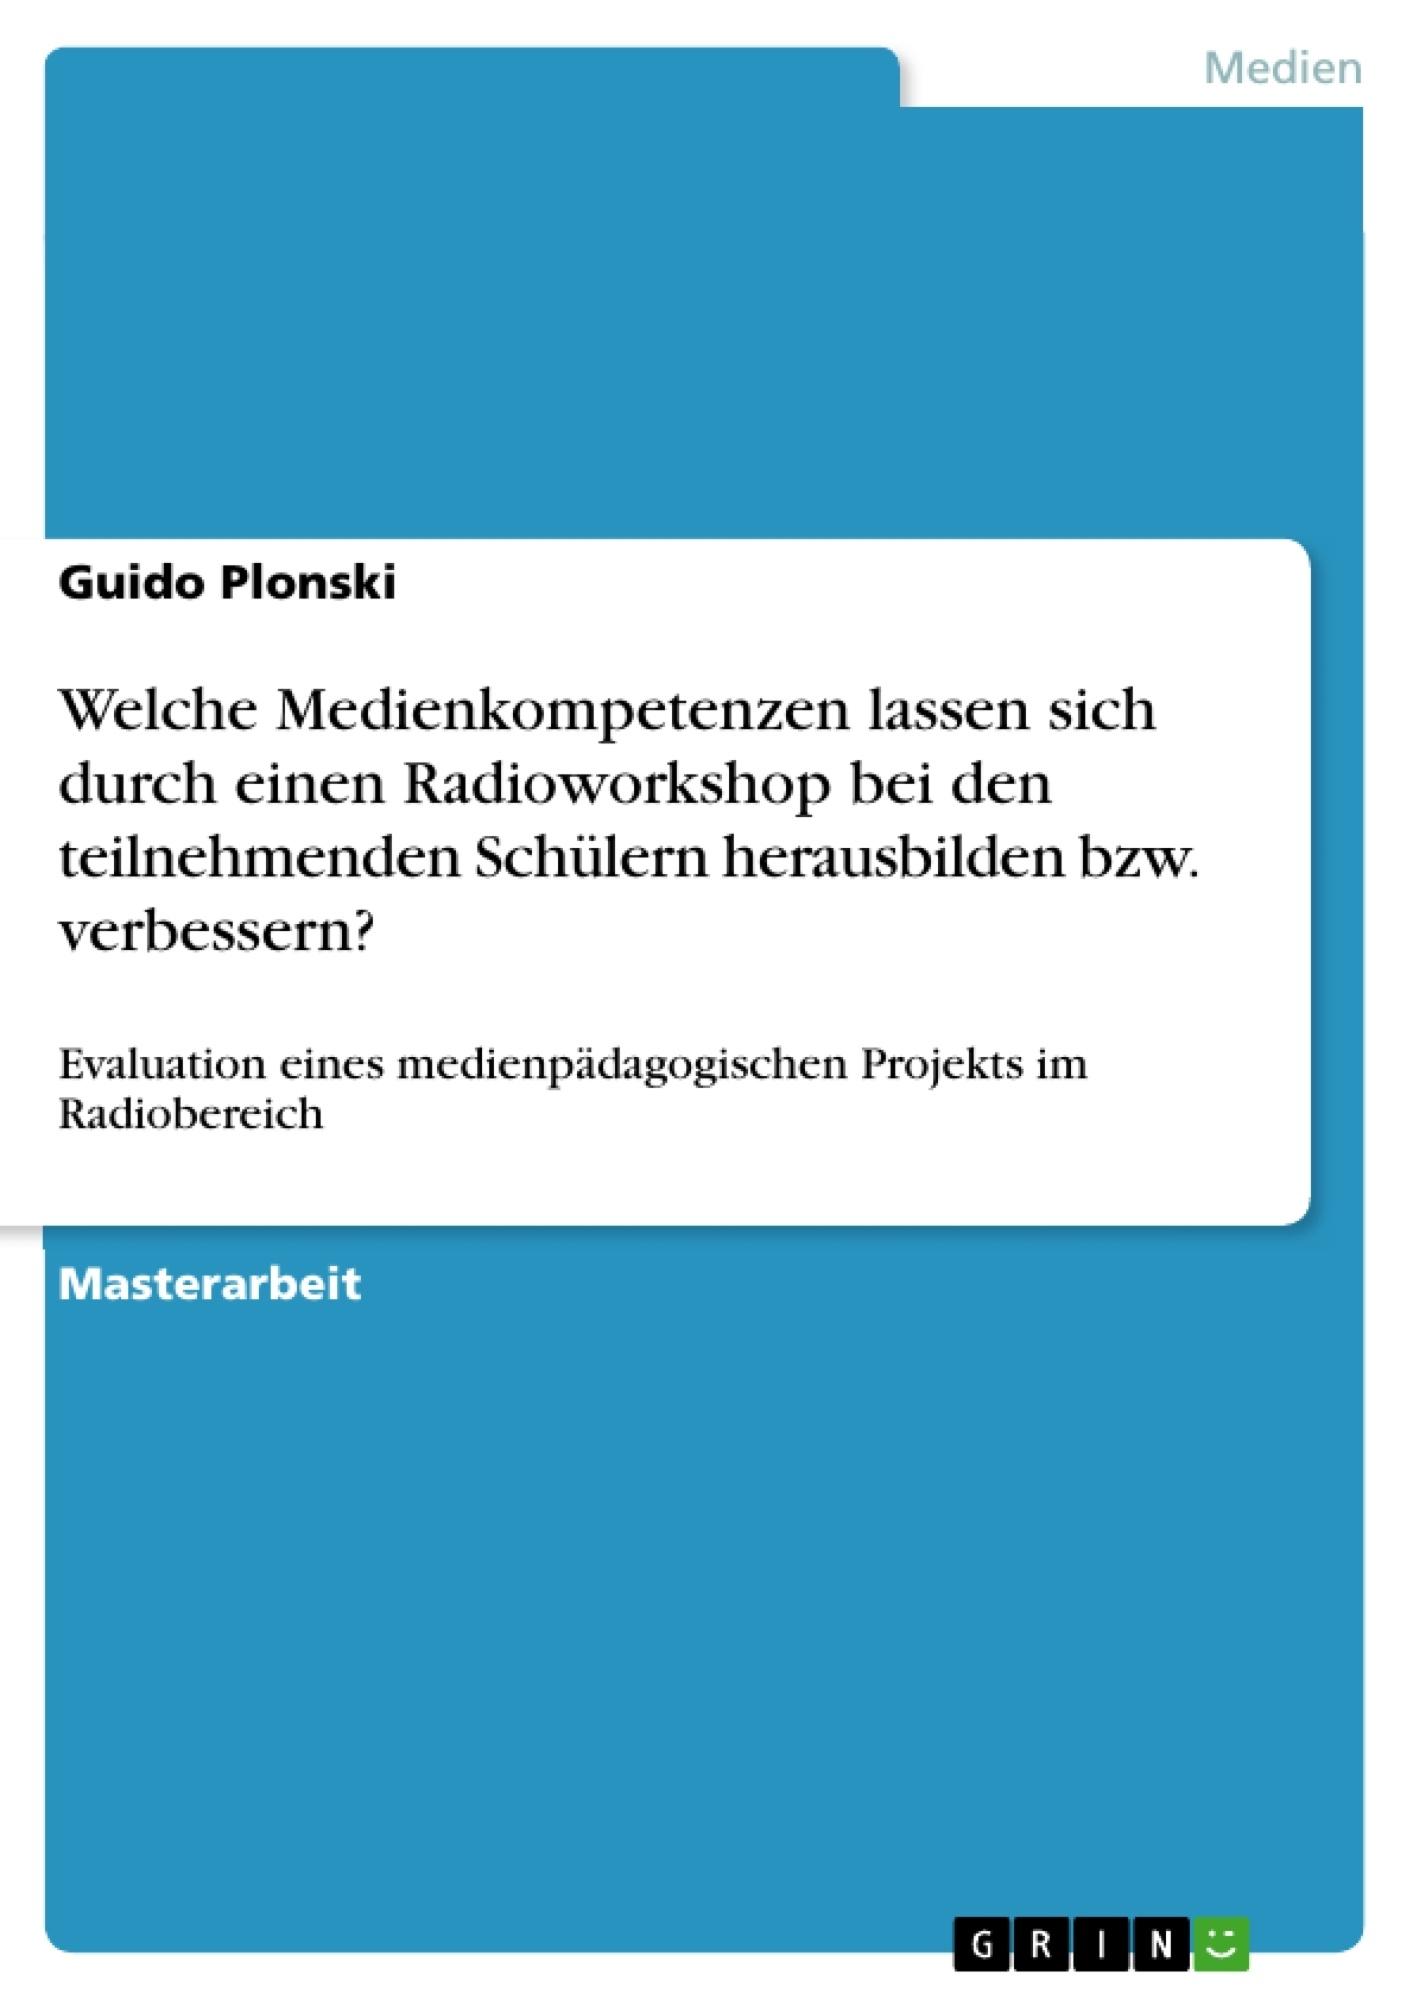 Titel: Welche Medienkompetenzen lassen sich durch einen Radioworkshop bei den teilnehmenden Schülern herausbilden bzw. verbessern?